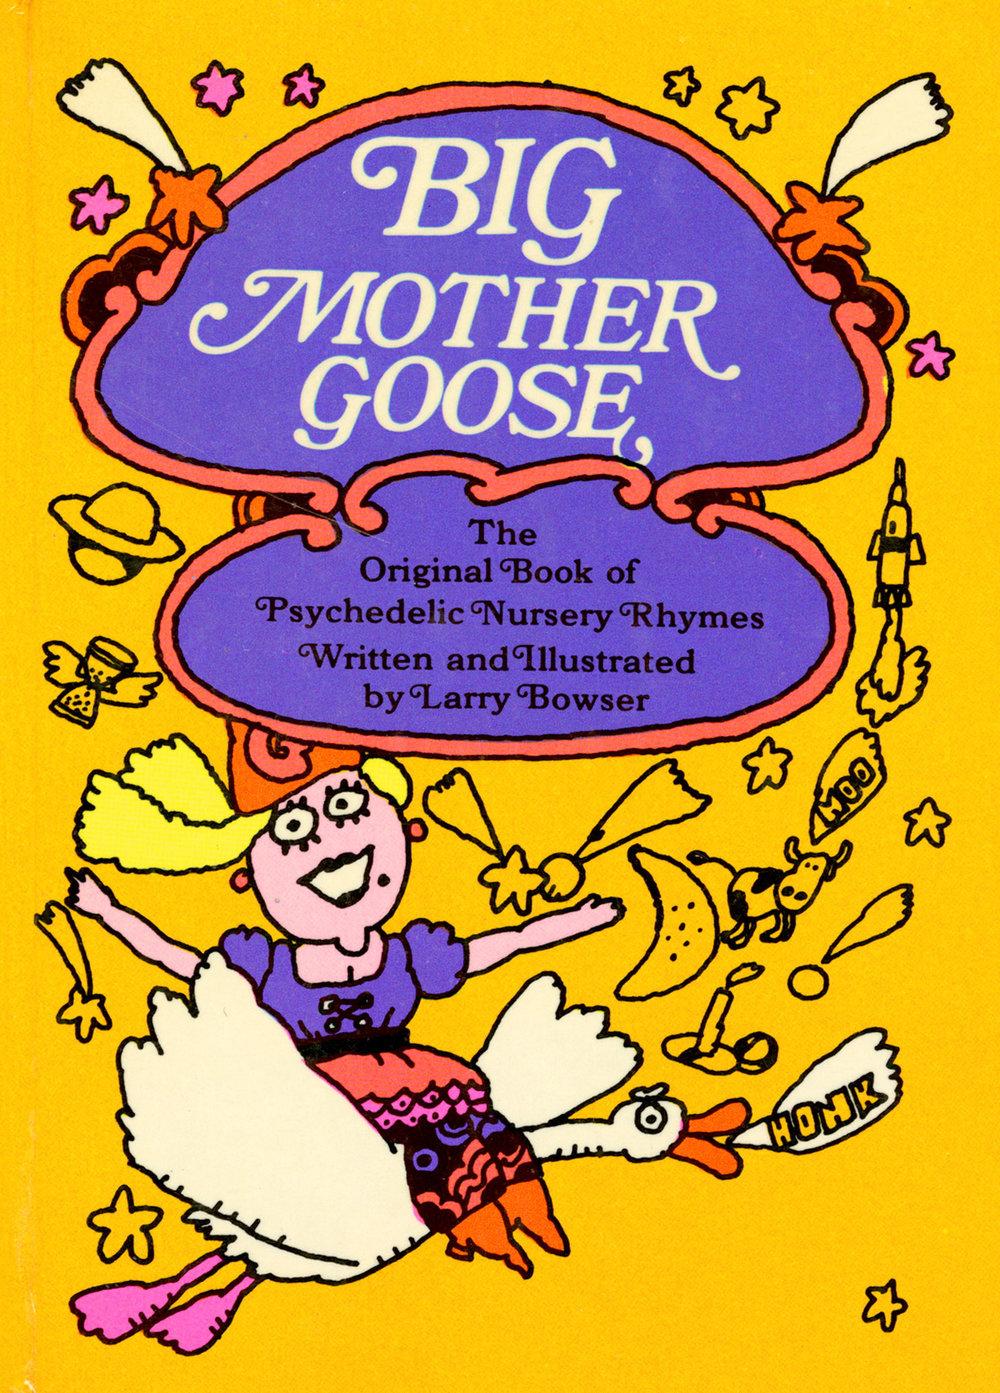 Big-Mother-Goose-c.jpg